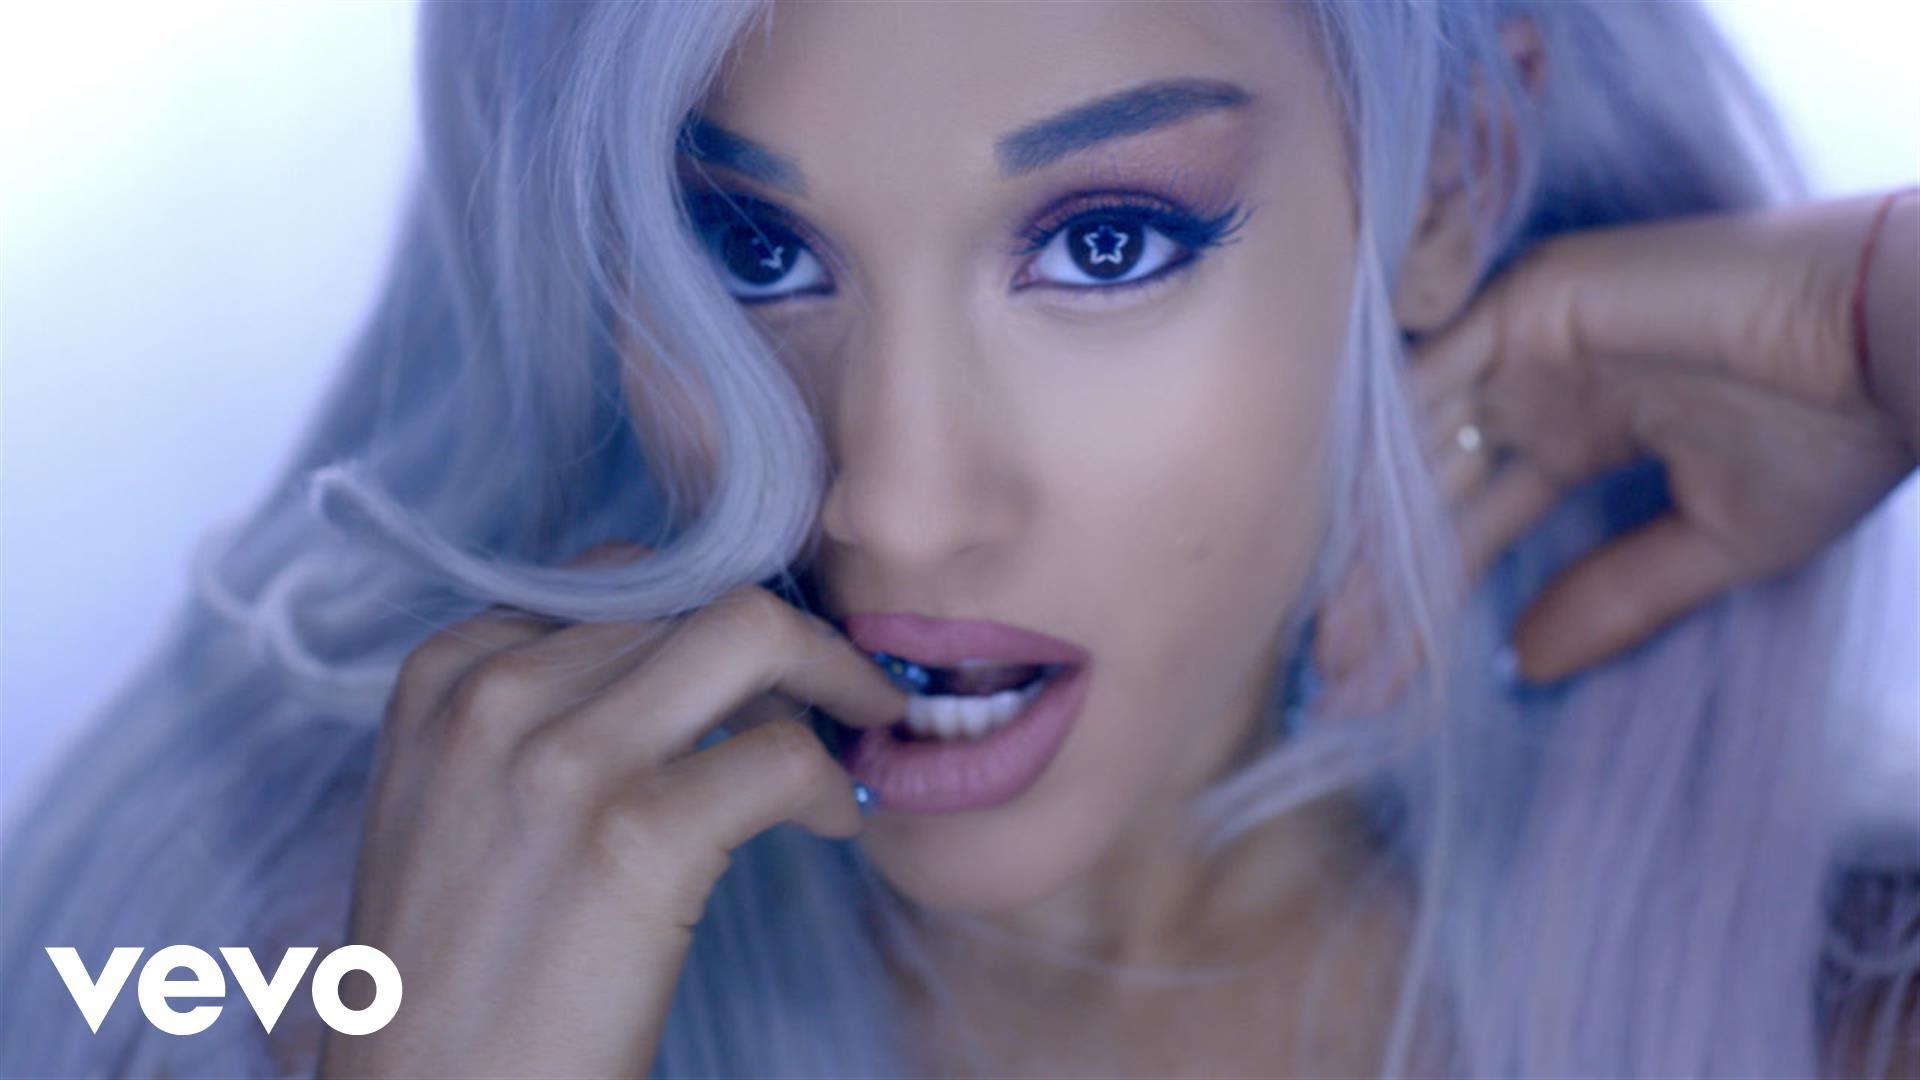 ミュージックビデオのアリアナグランデ